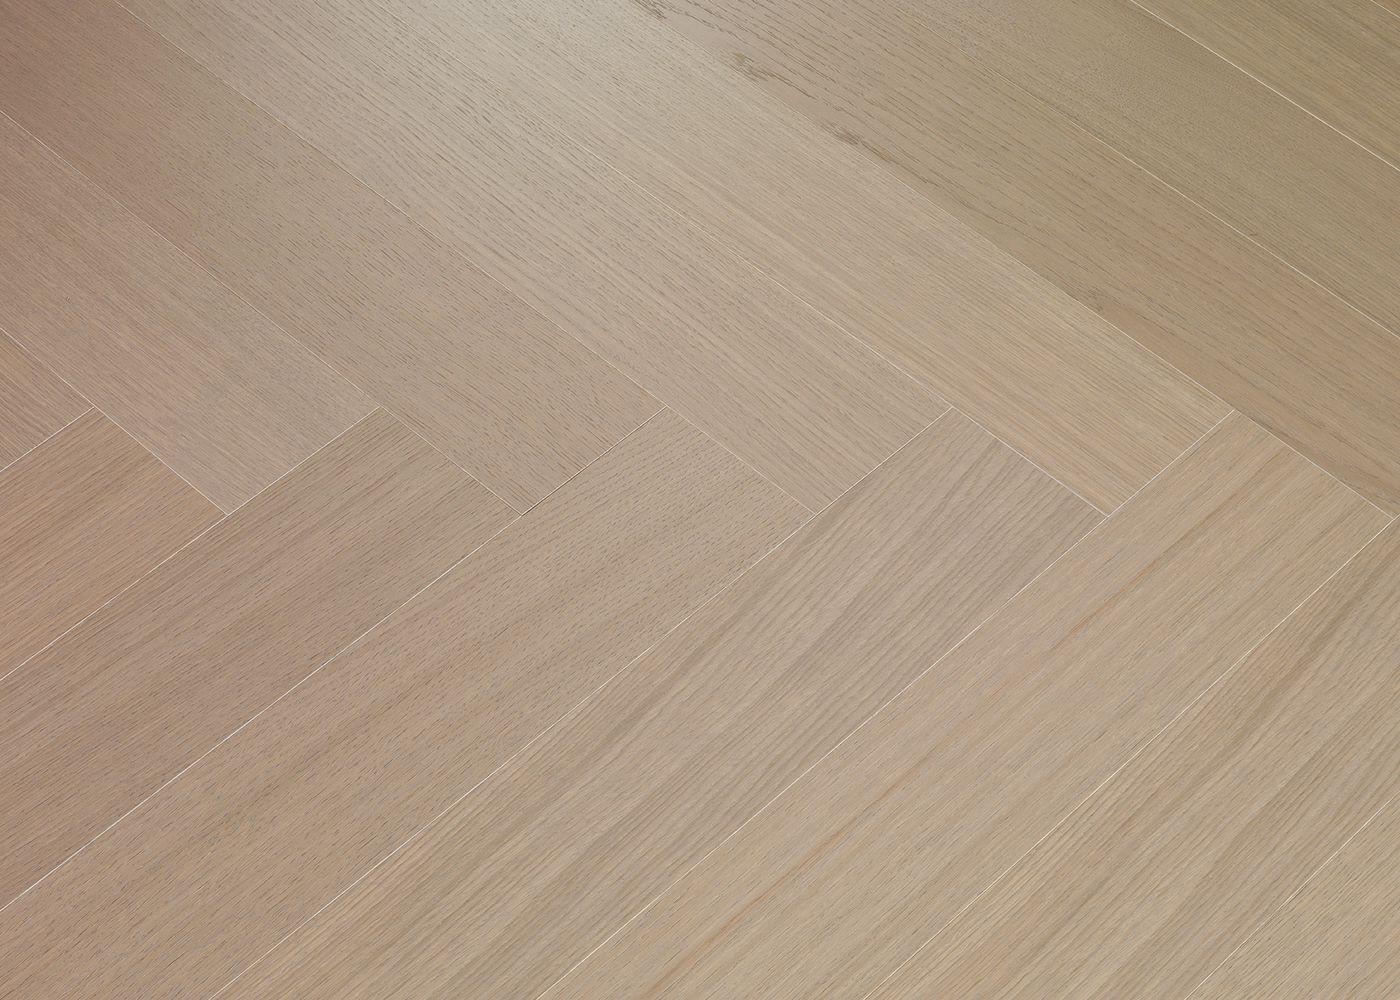 Sol plaqué bois chêne Catane Bâton rompu brossé vernis mat - Swing - Select 10x121x595 Lame Droite